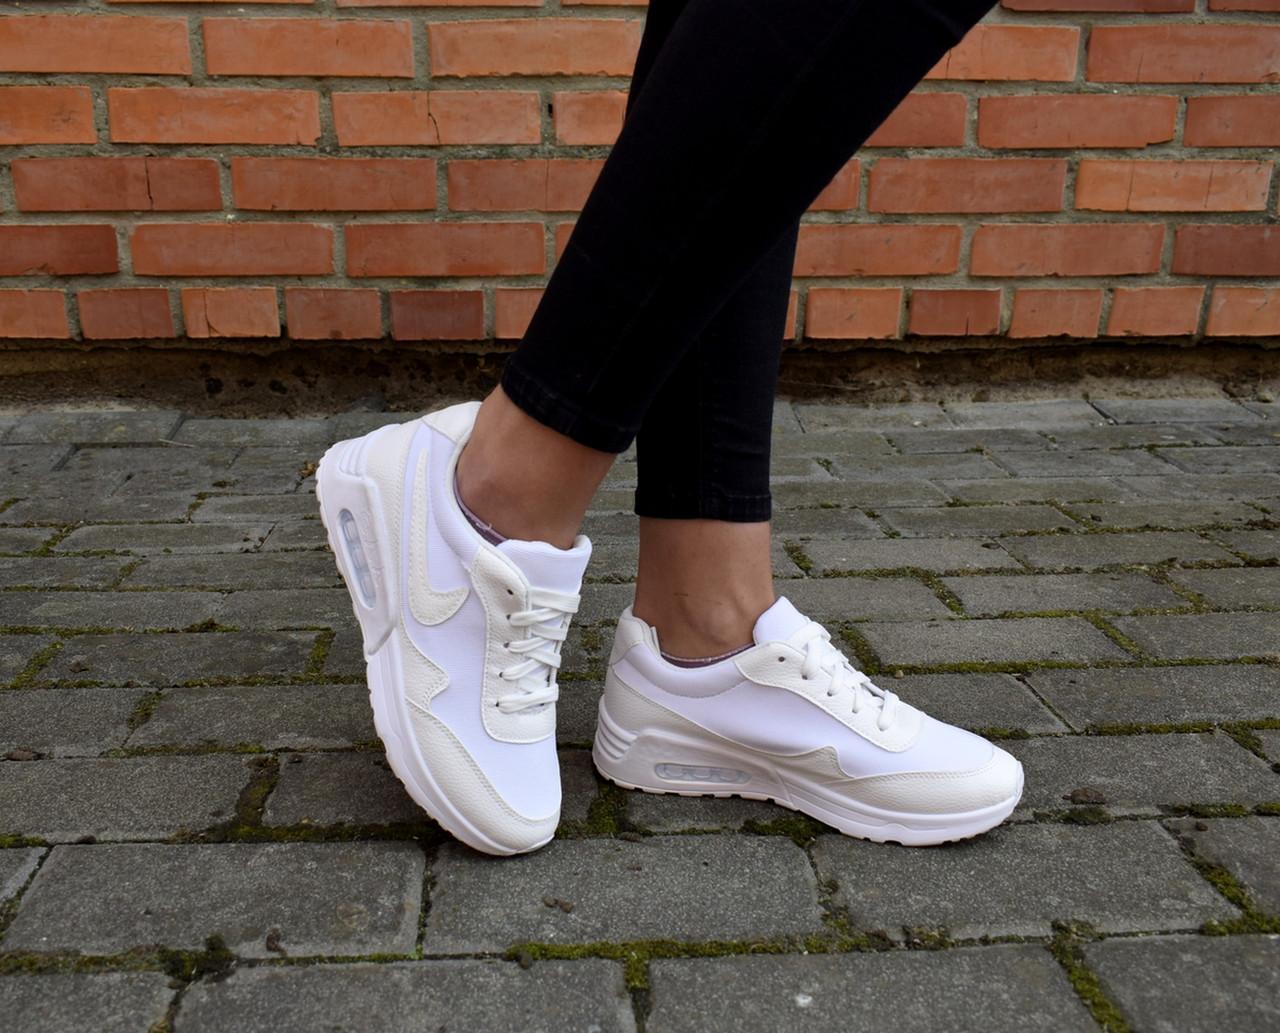 50285378 Кроссовки белые Nike Air Max женские, цена 600 грн., купить Киев ...